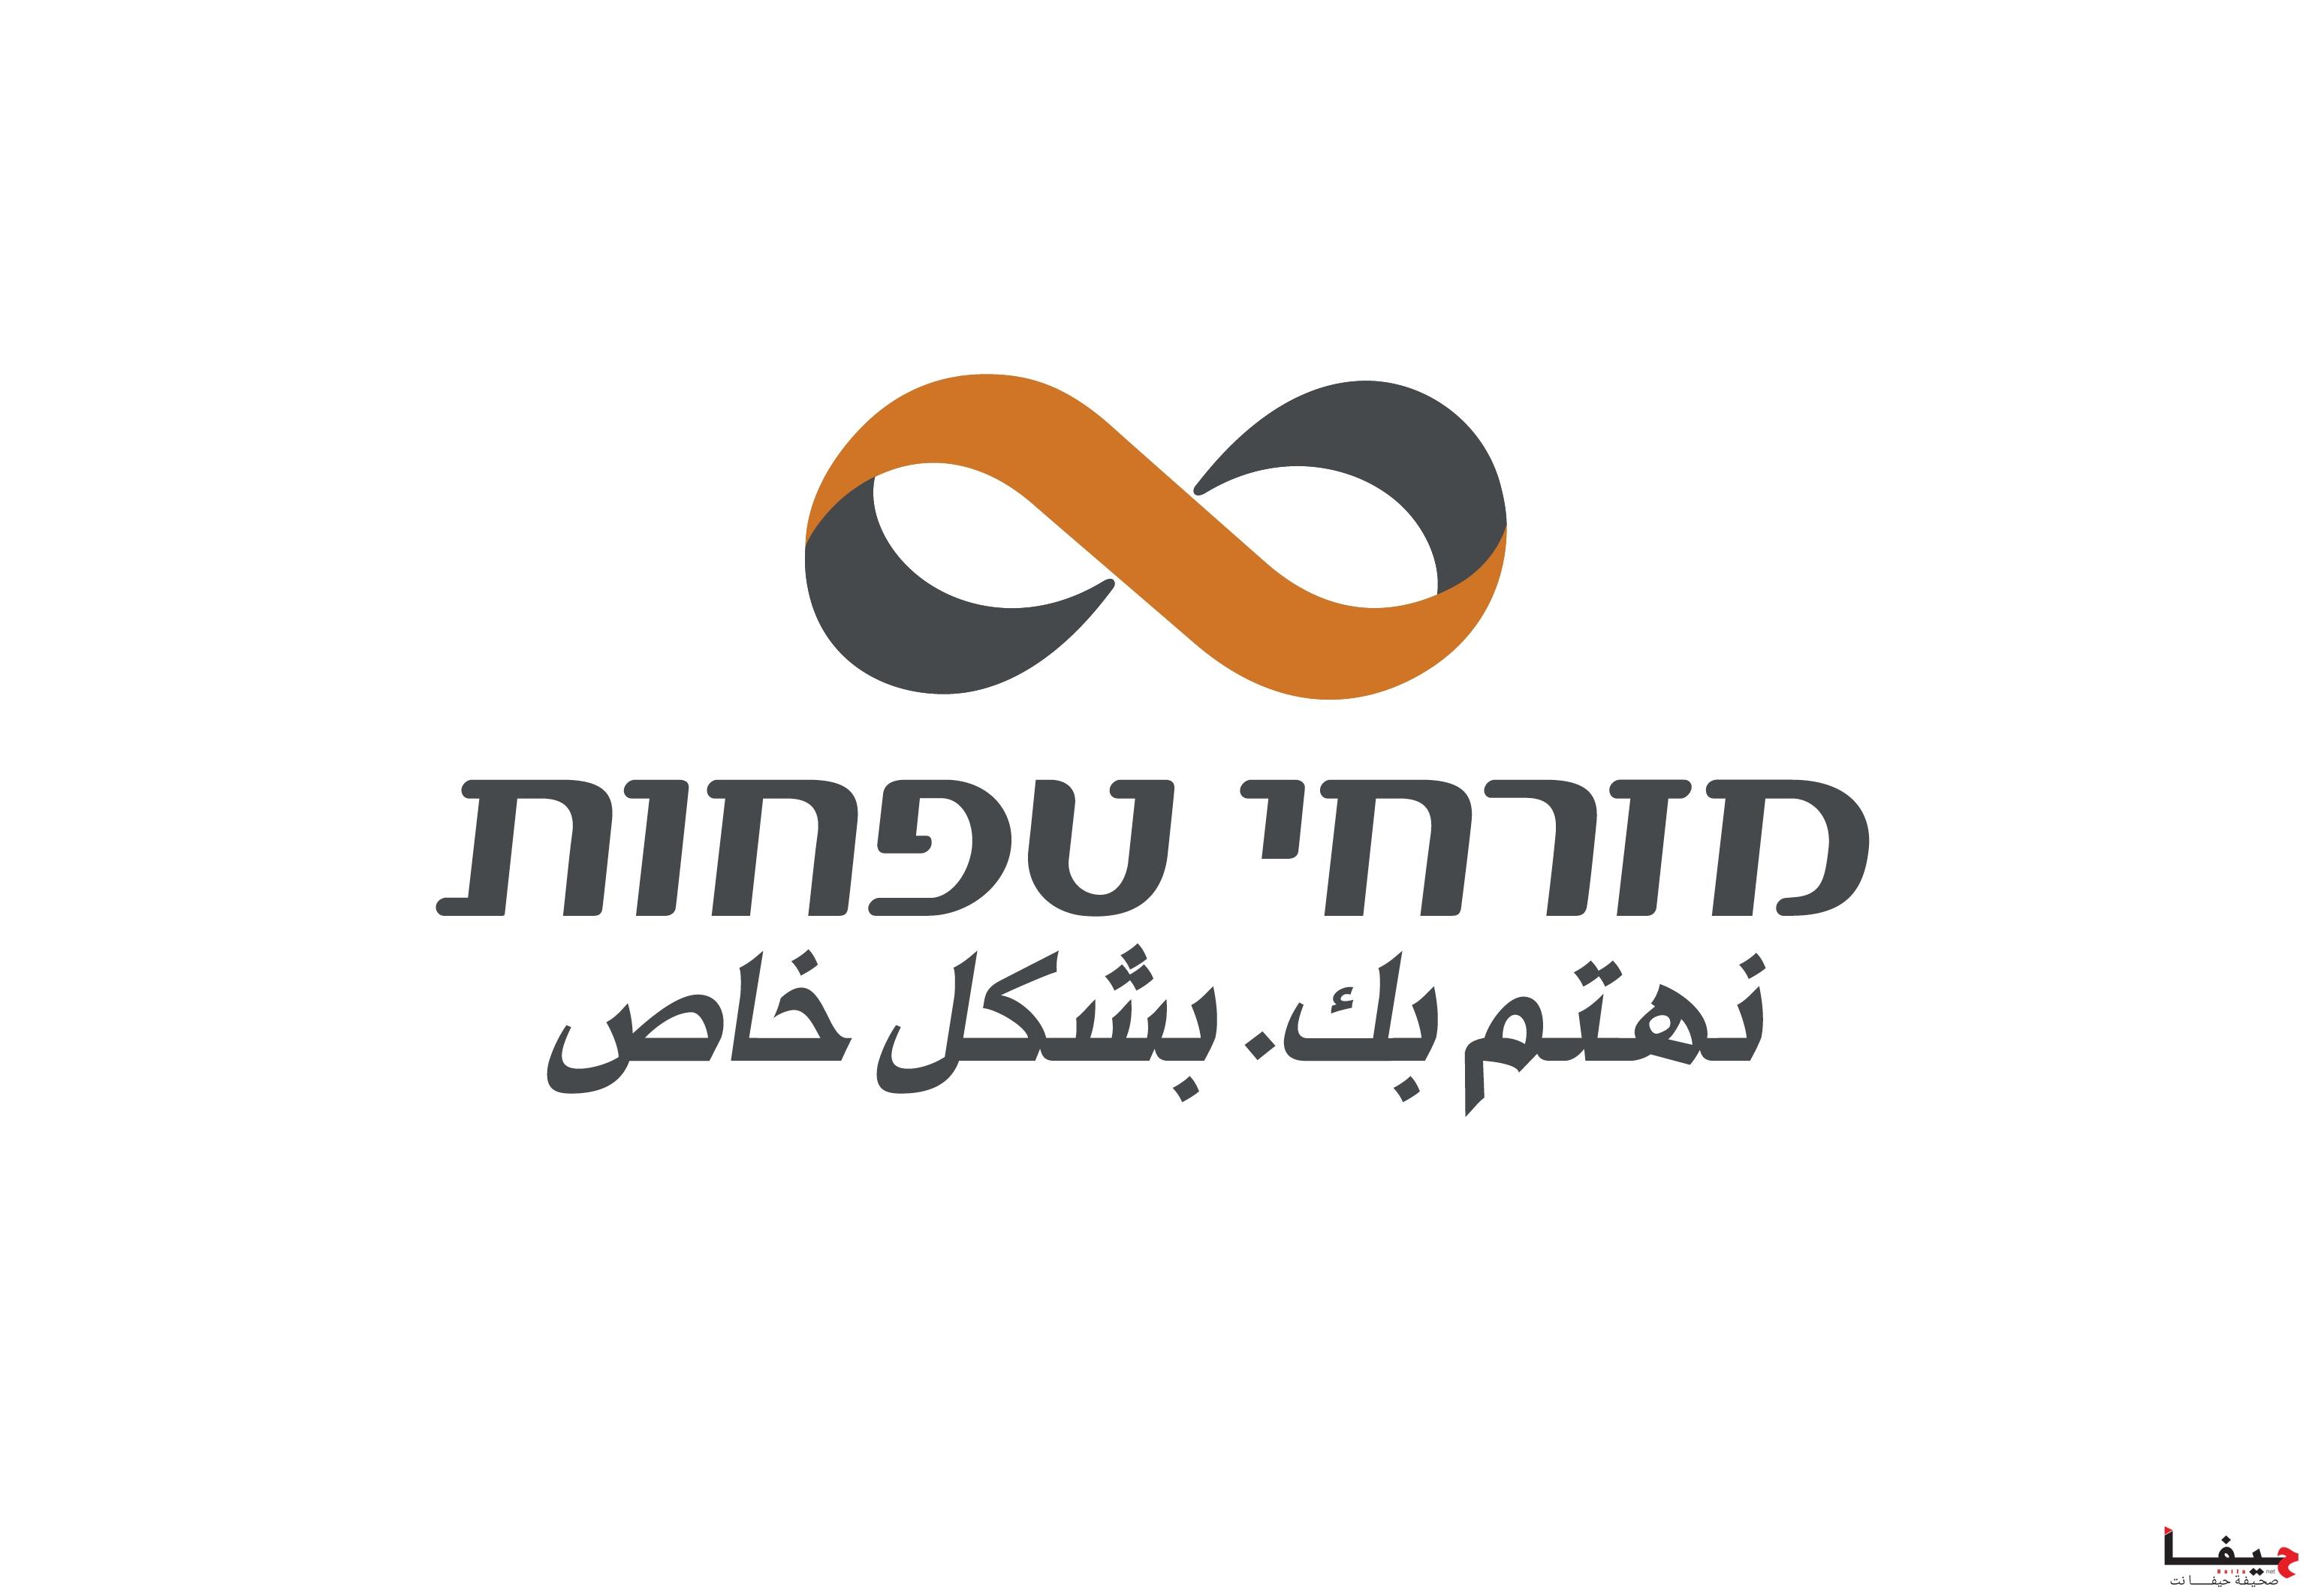 MZR_logo (1)